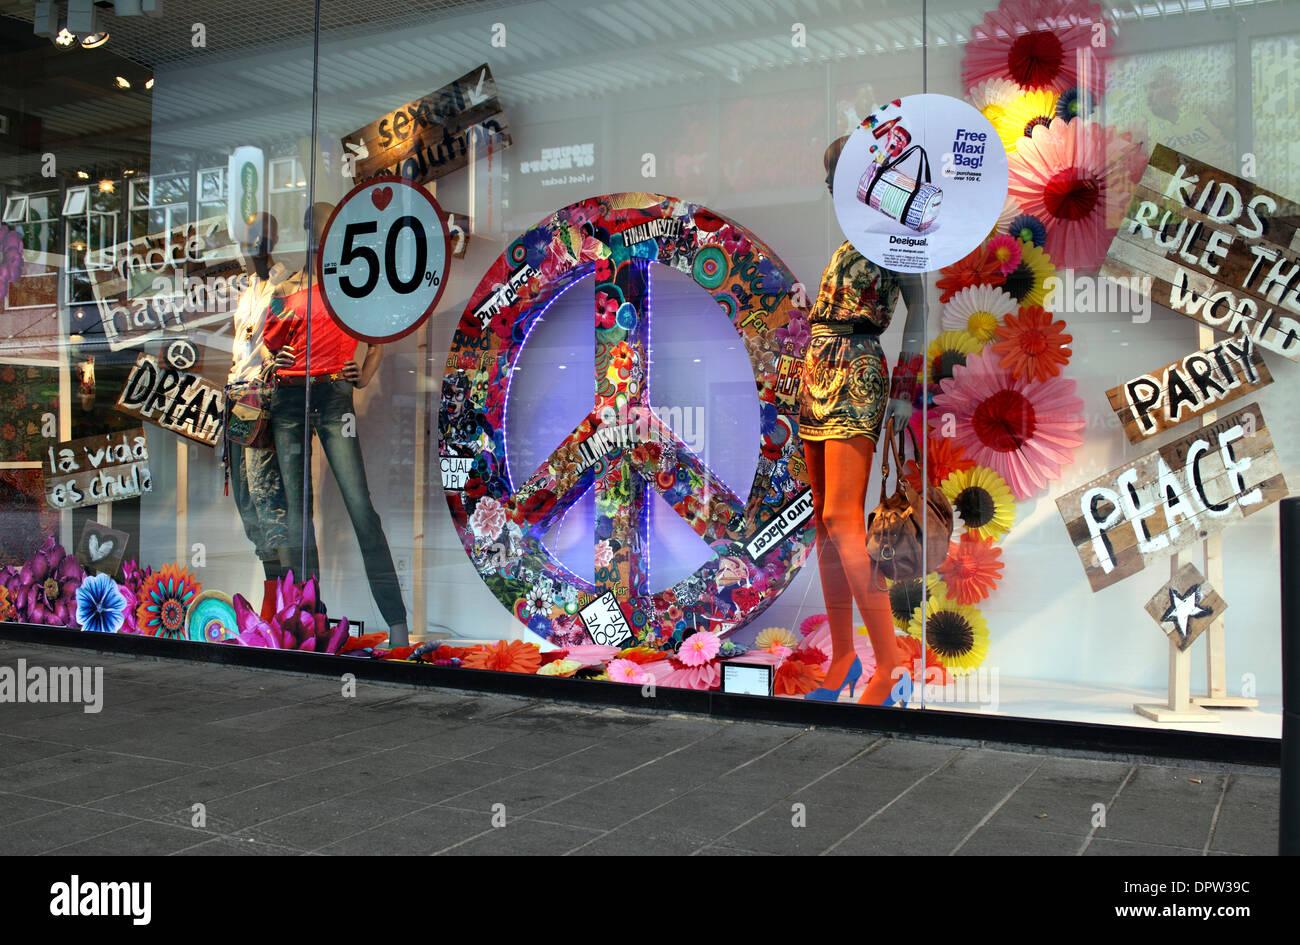 El desarme nuclear, símbolos utilizados como parte de una moda mostrar en una ventana de la tienda holandesa, Lijnbaan, Rotterdam. Imagen De Stock